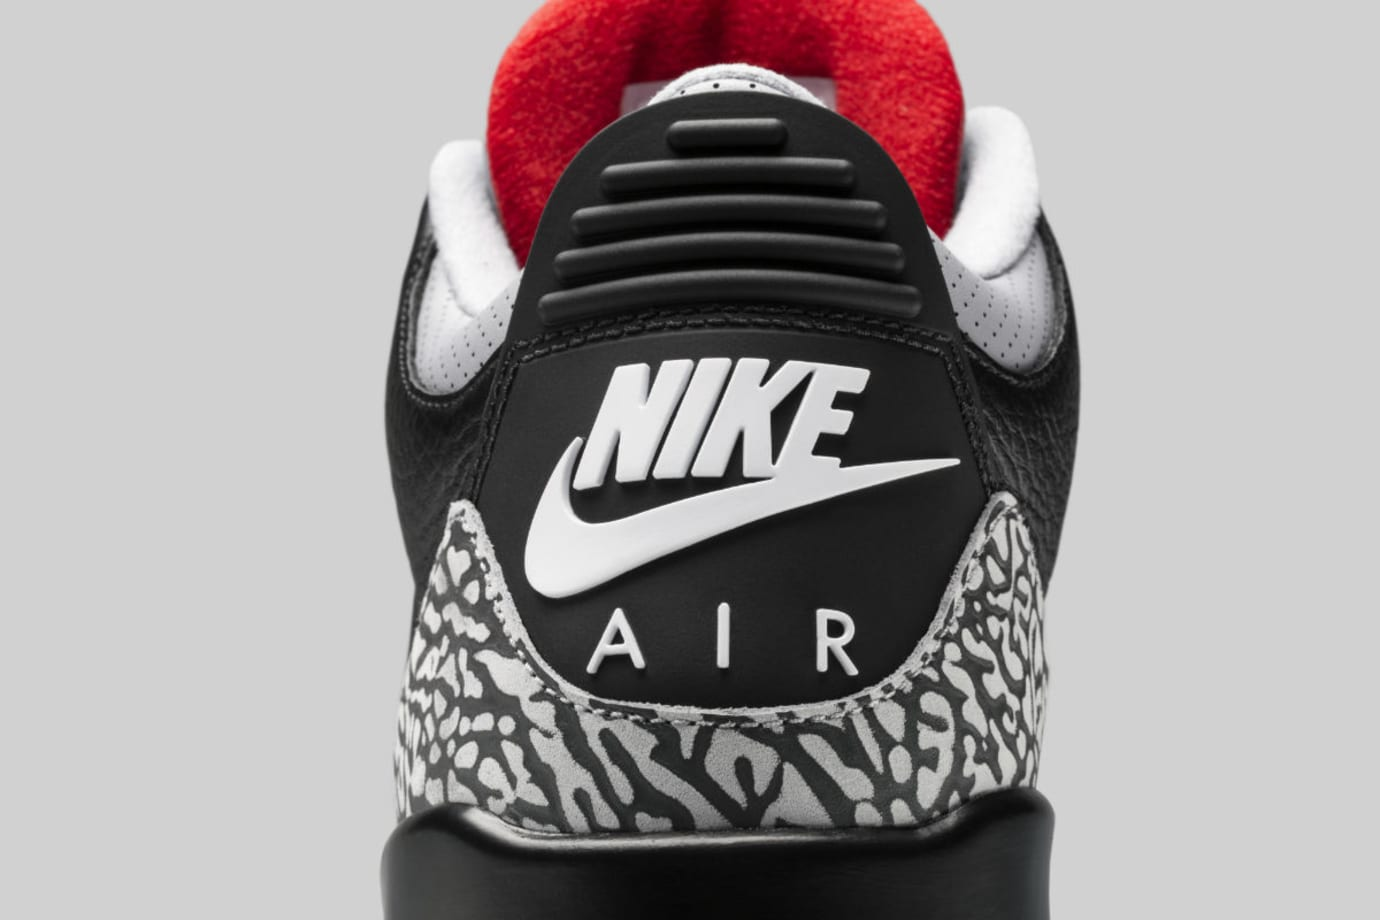 Air Jordan 3 III Black Cement Release Date 854262-001 Heel